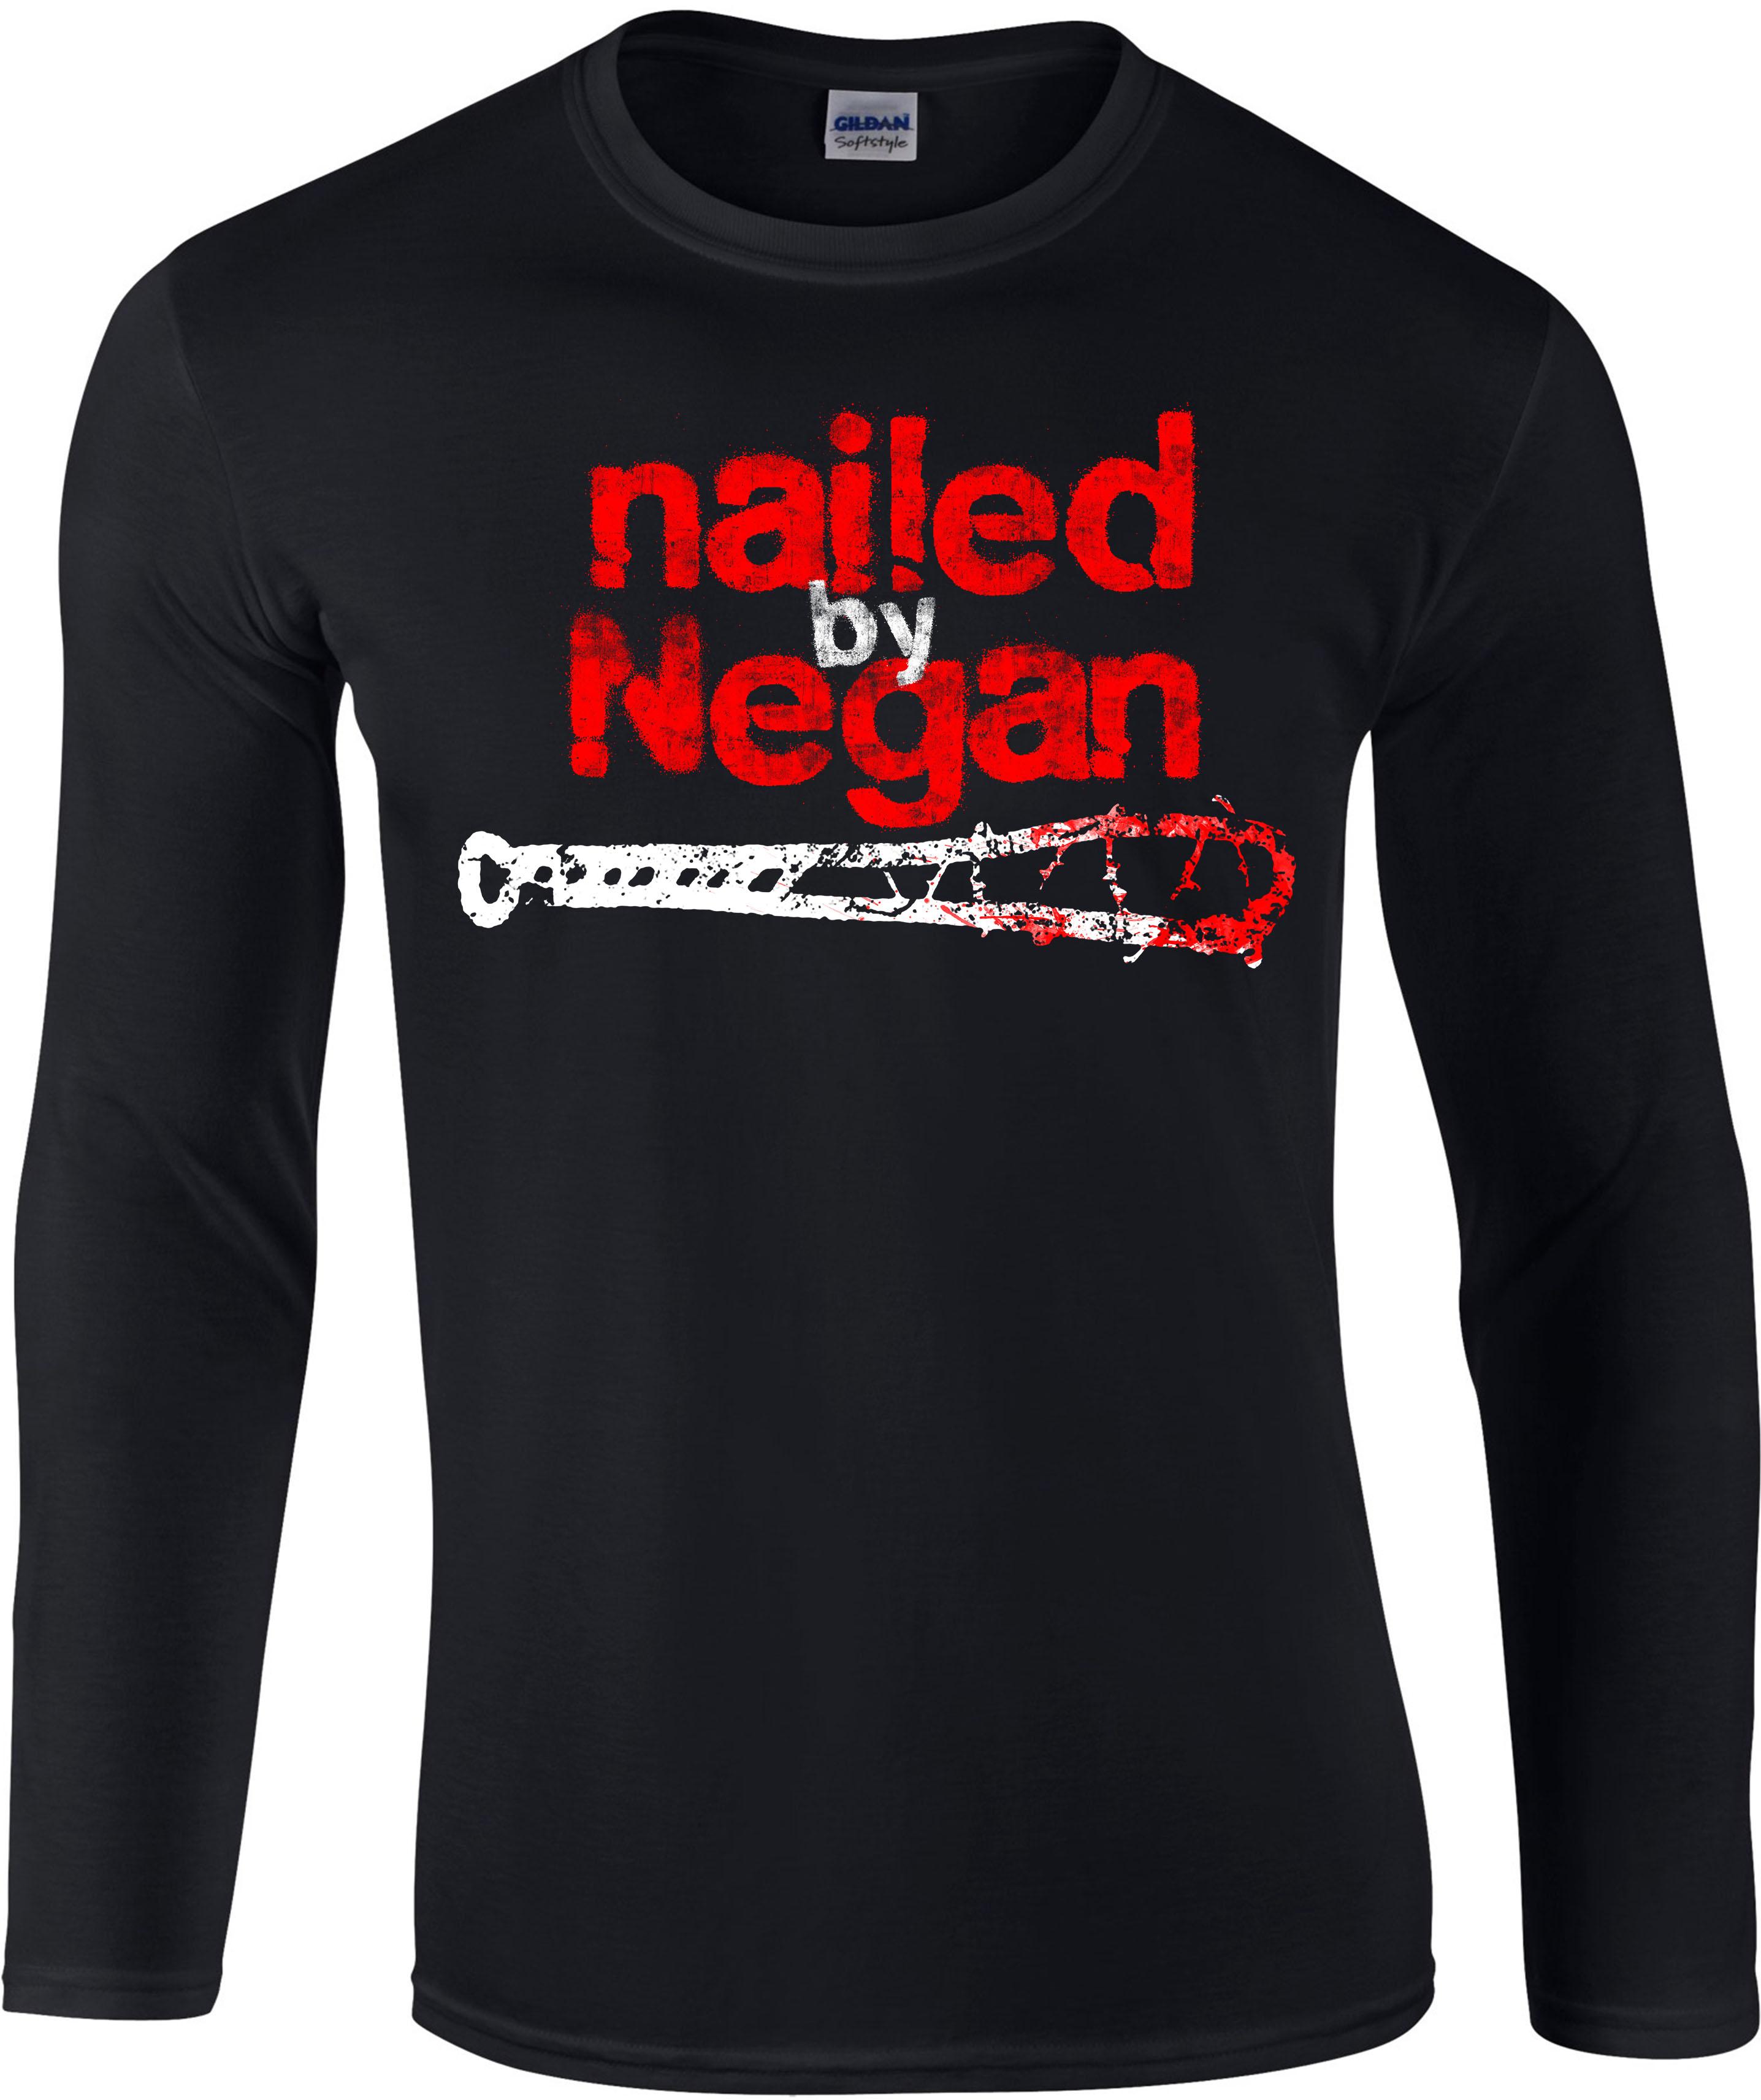 Nailed-By-Negan-Dead-Longsleeve-T-Shirt-Dead-Walking-Horror-Zombie-Gift-Top